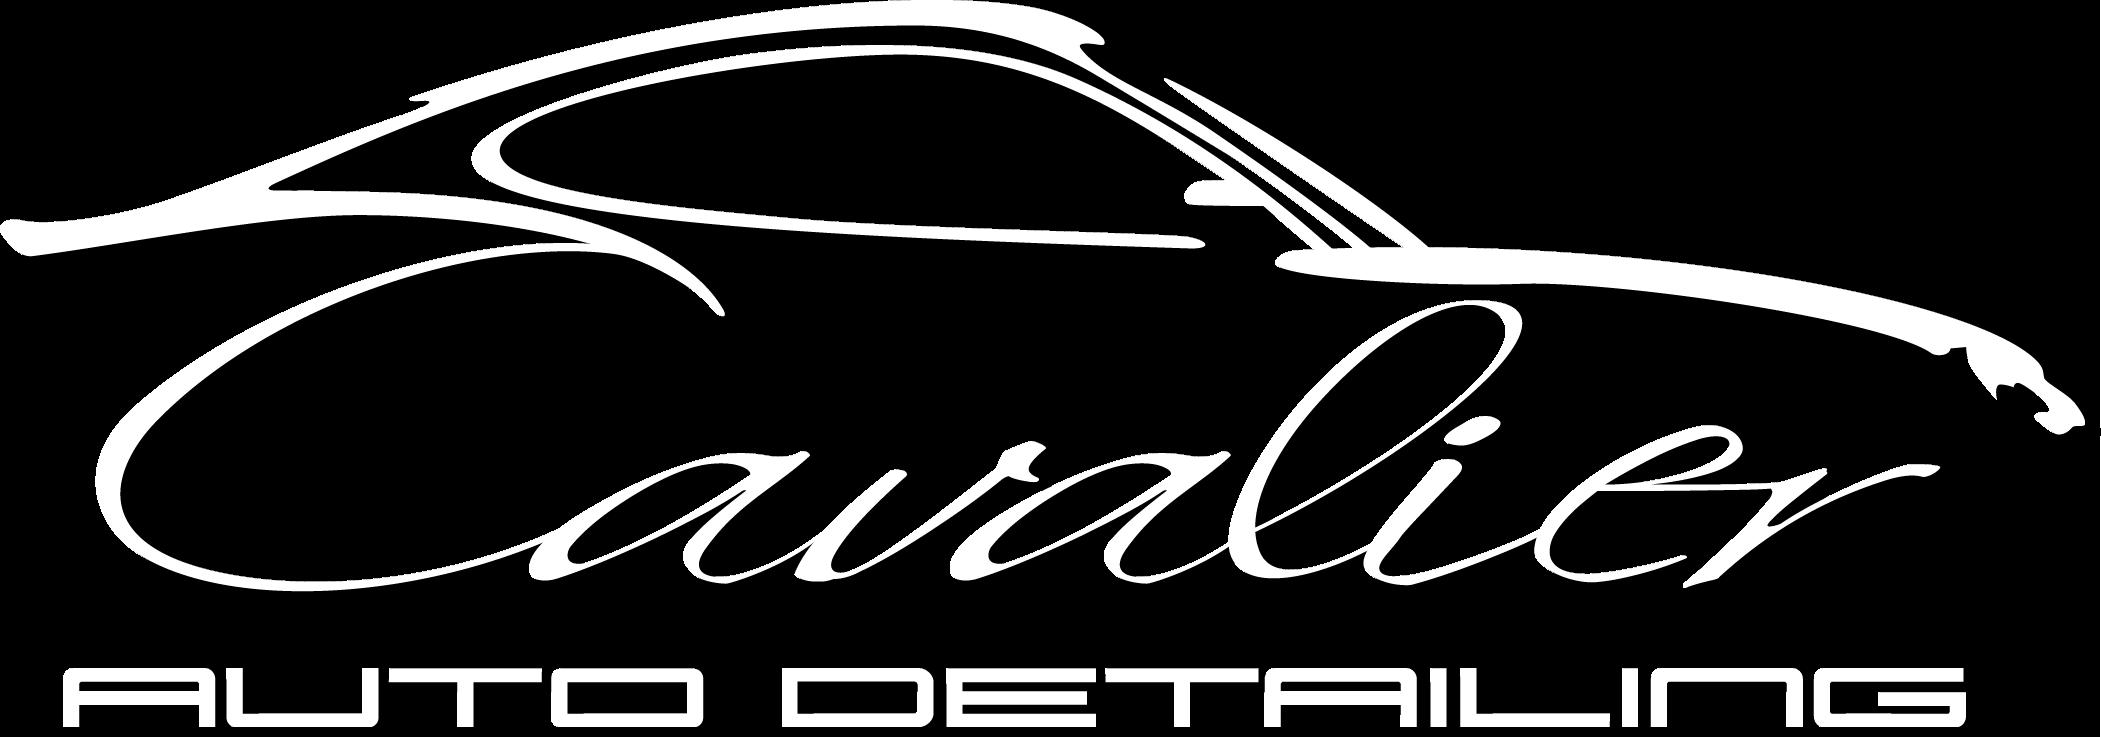 Cavalier Auto Detailing